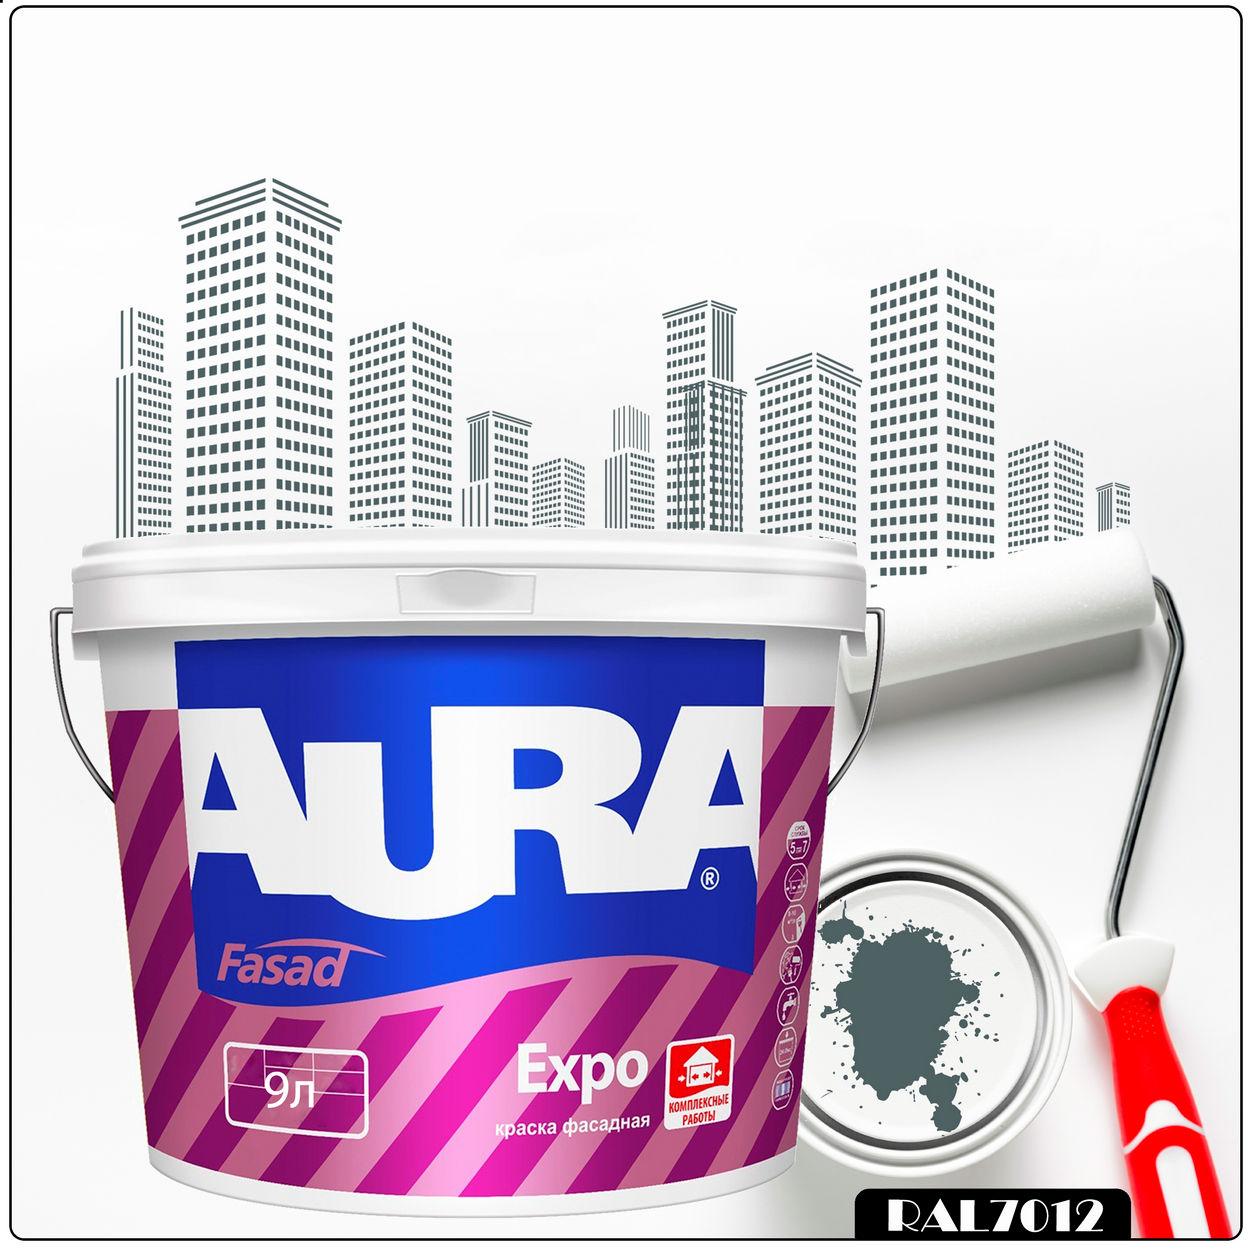 Фото 12 - Краска Aura Fasad Expo, RAL 7012 Серый-базальт, матовая, для фасадов и помещений с повышенной влажностью, 9л.